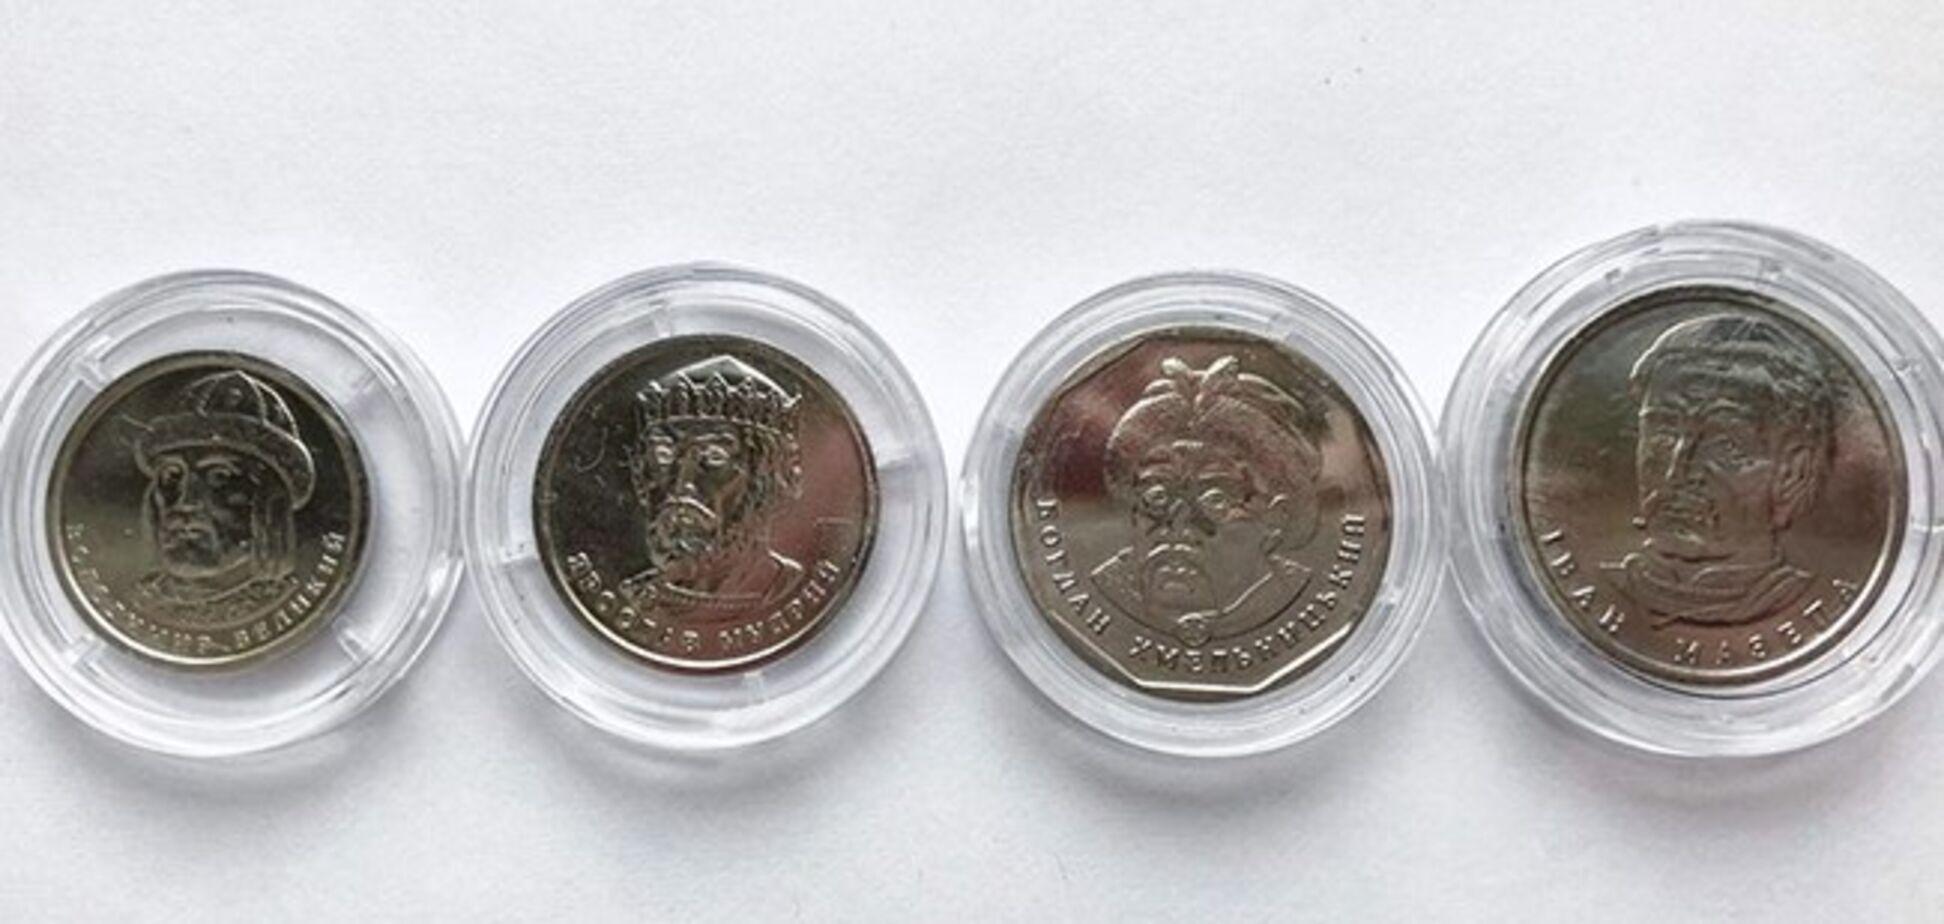 Заміна паперових гривень монетами в Україні: все, що потрібно знати